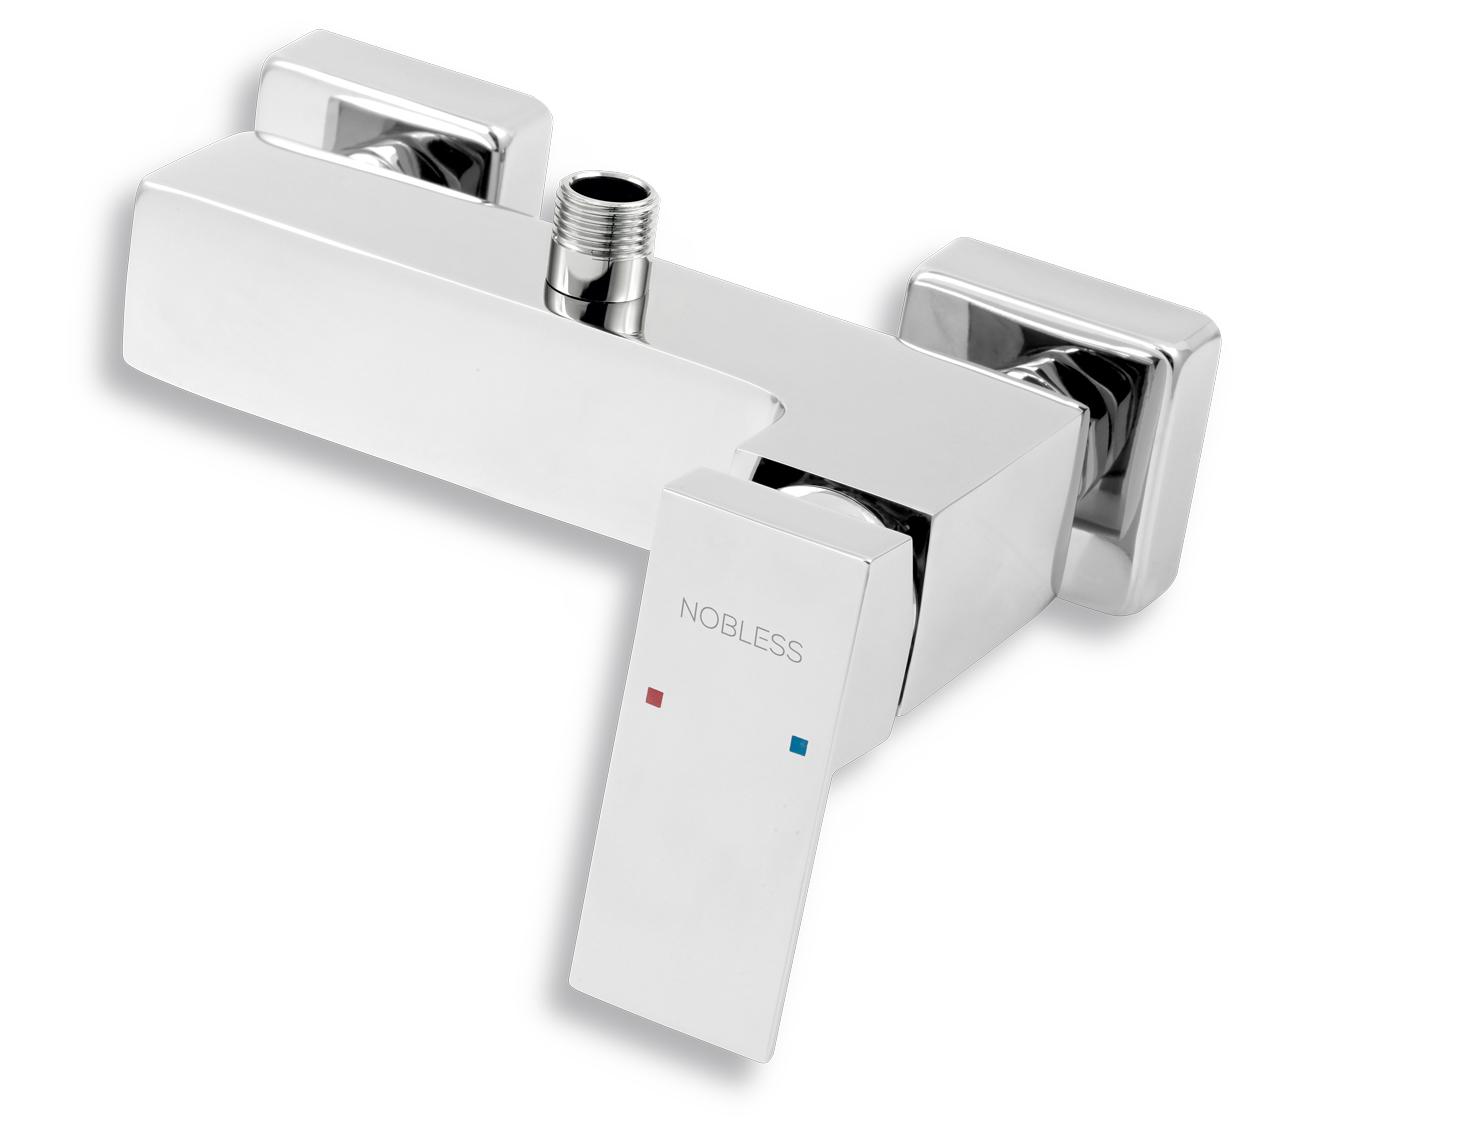 Sprchová baterie bez příslušenství 150 mm EDGE chrom